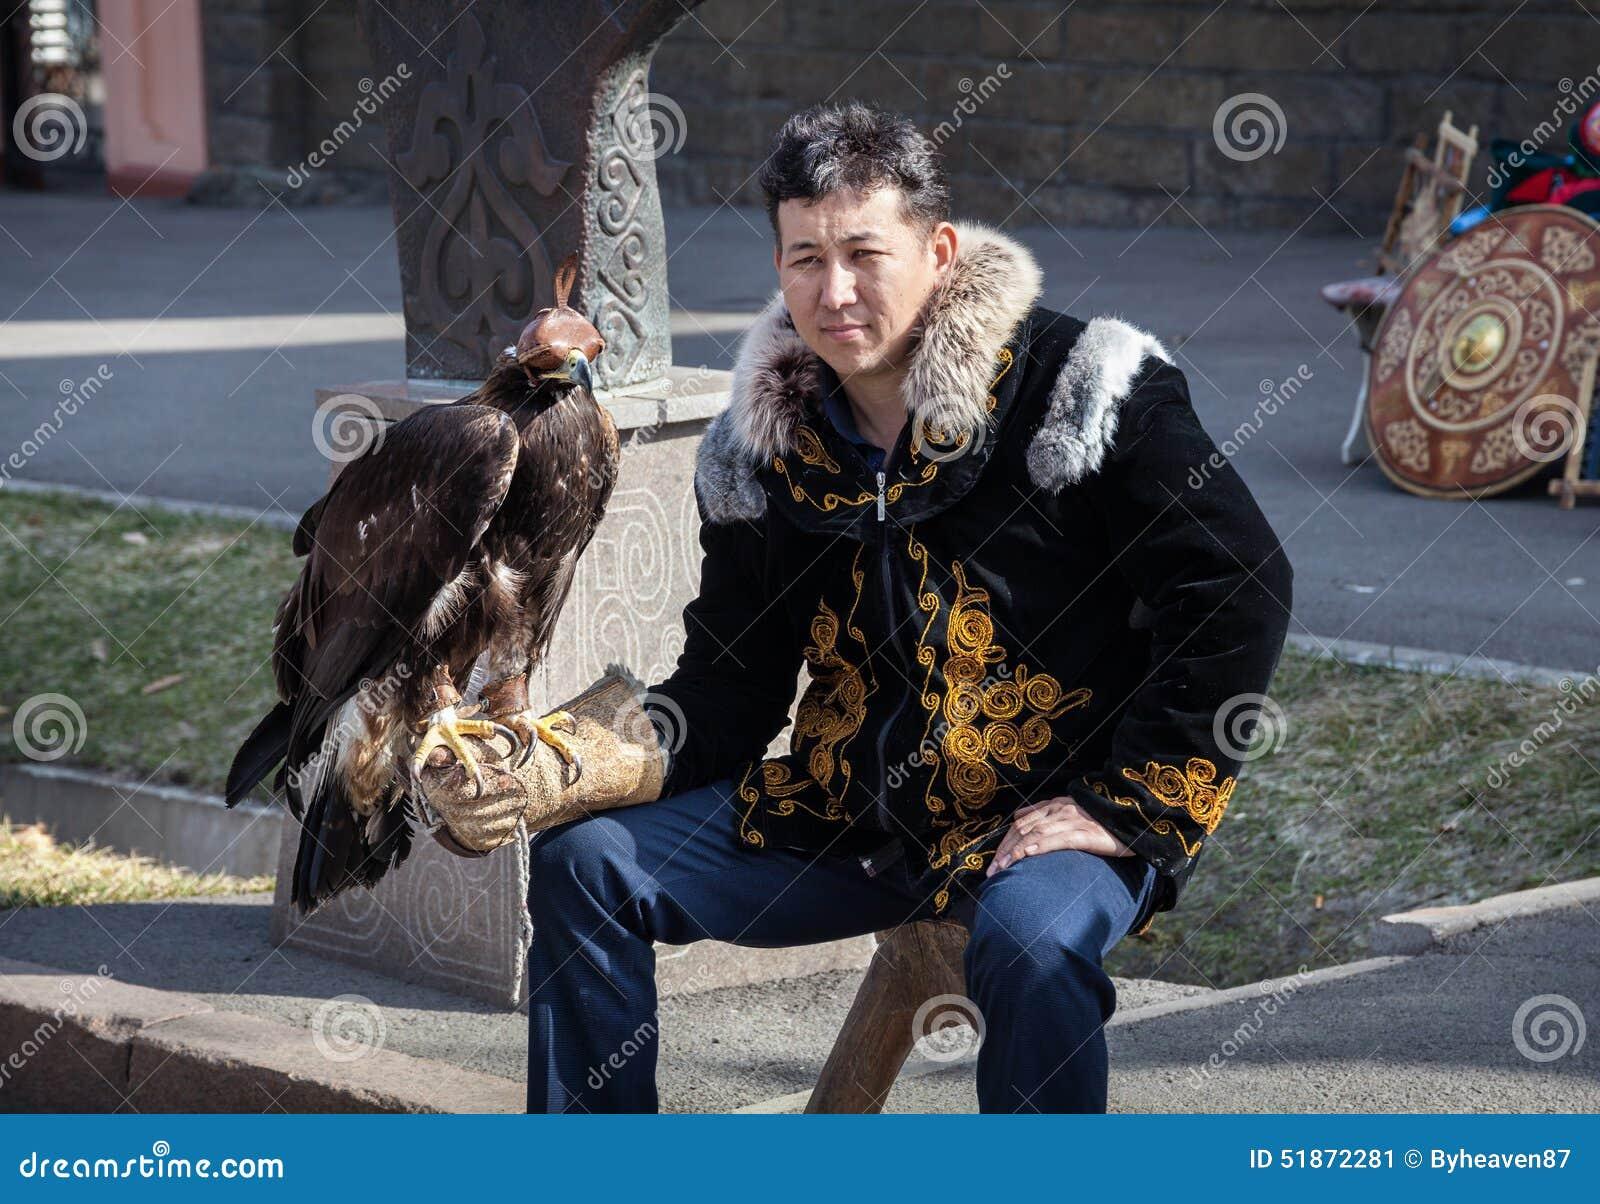 μεγάλο πουλί κοστούμι εξαιρετικά σκληρό πυρήνα πορνό